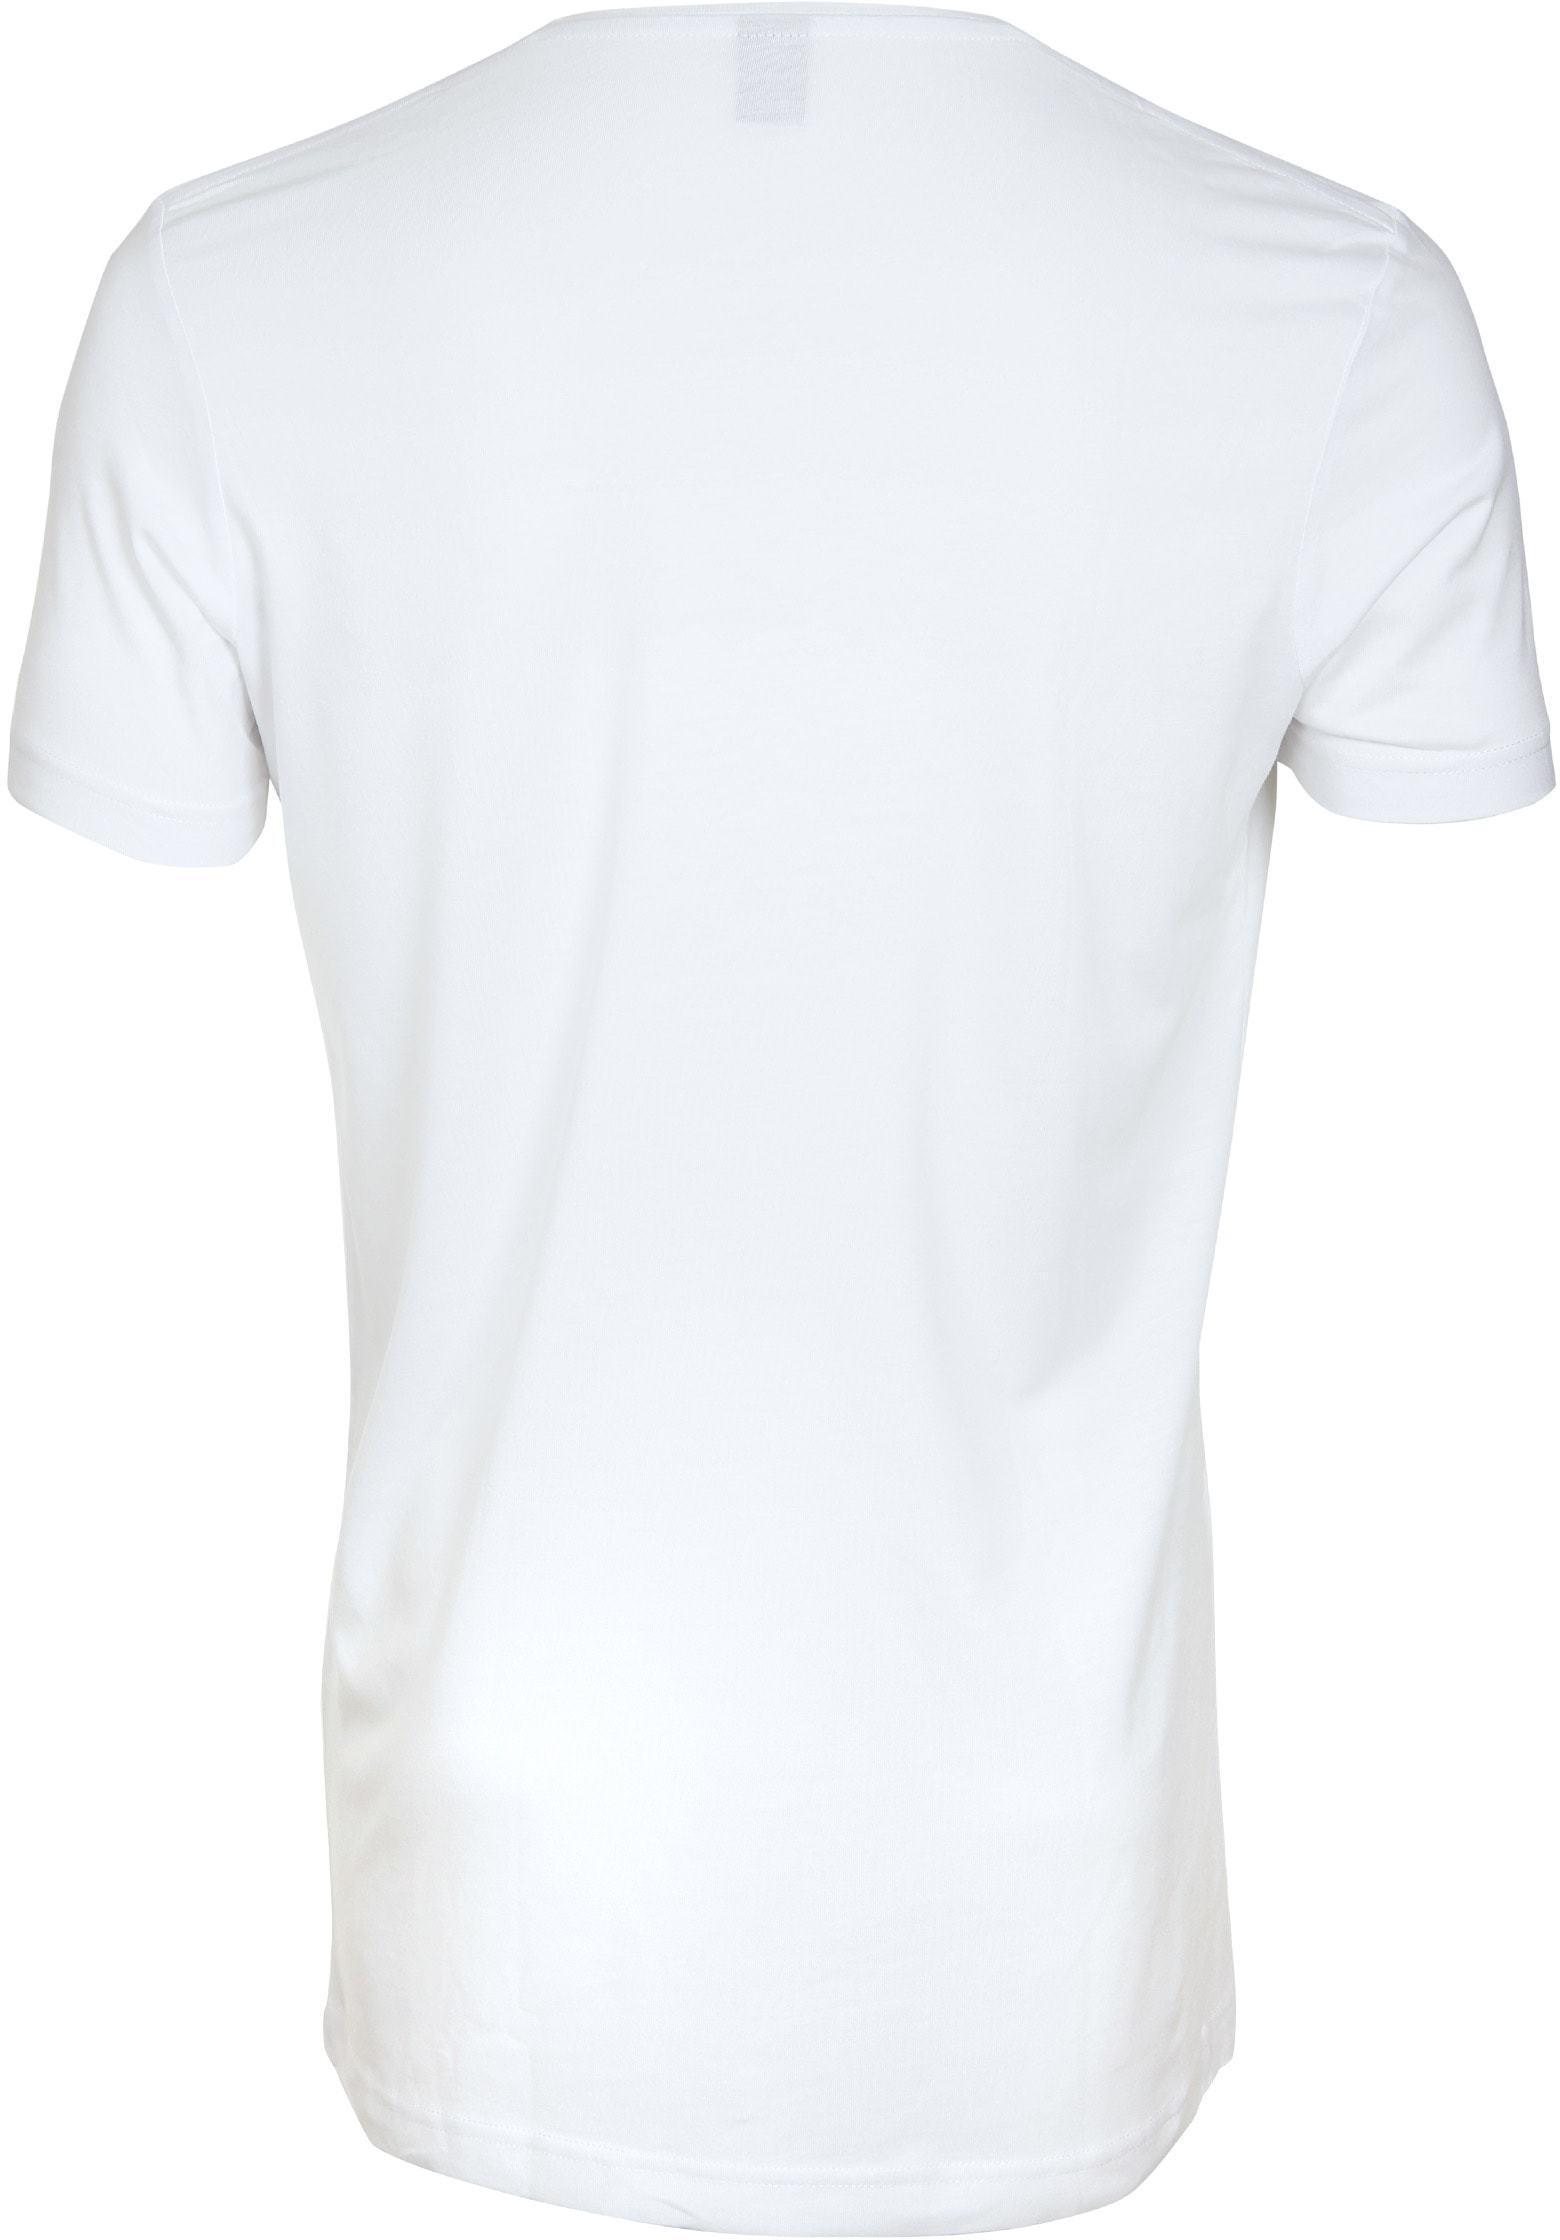 V hals 6-Pack Bamboe T-Shirt foto 2